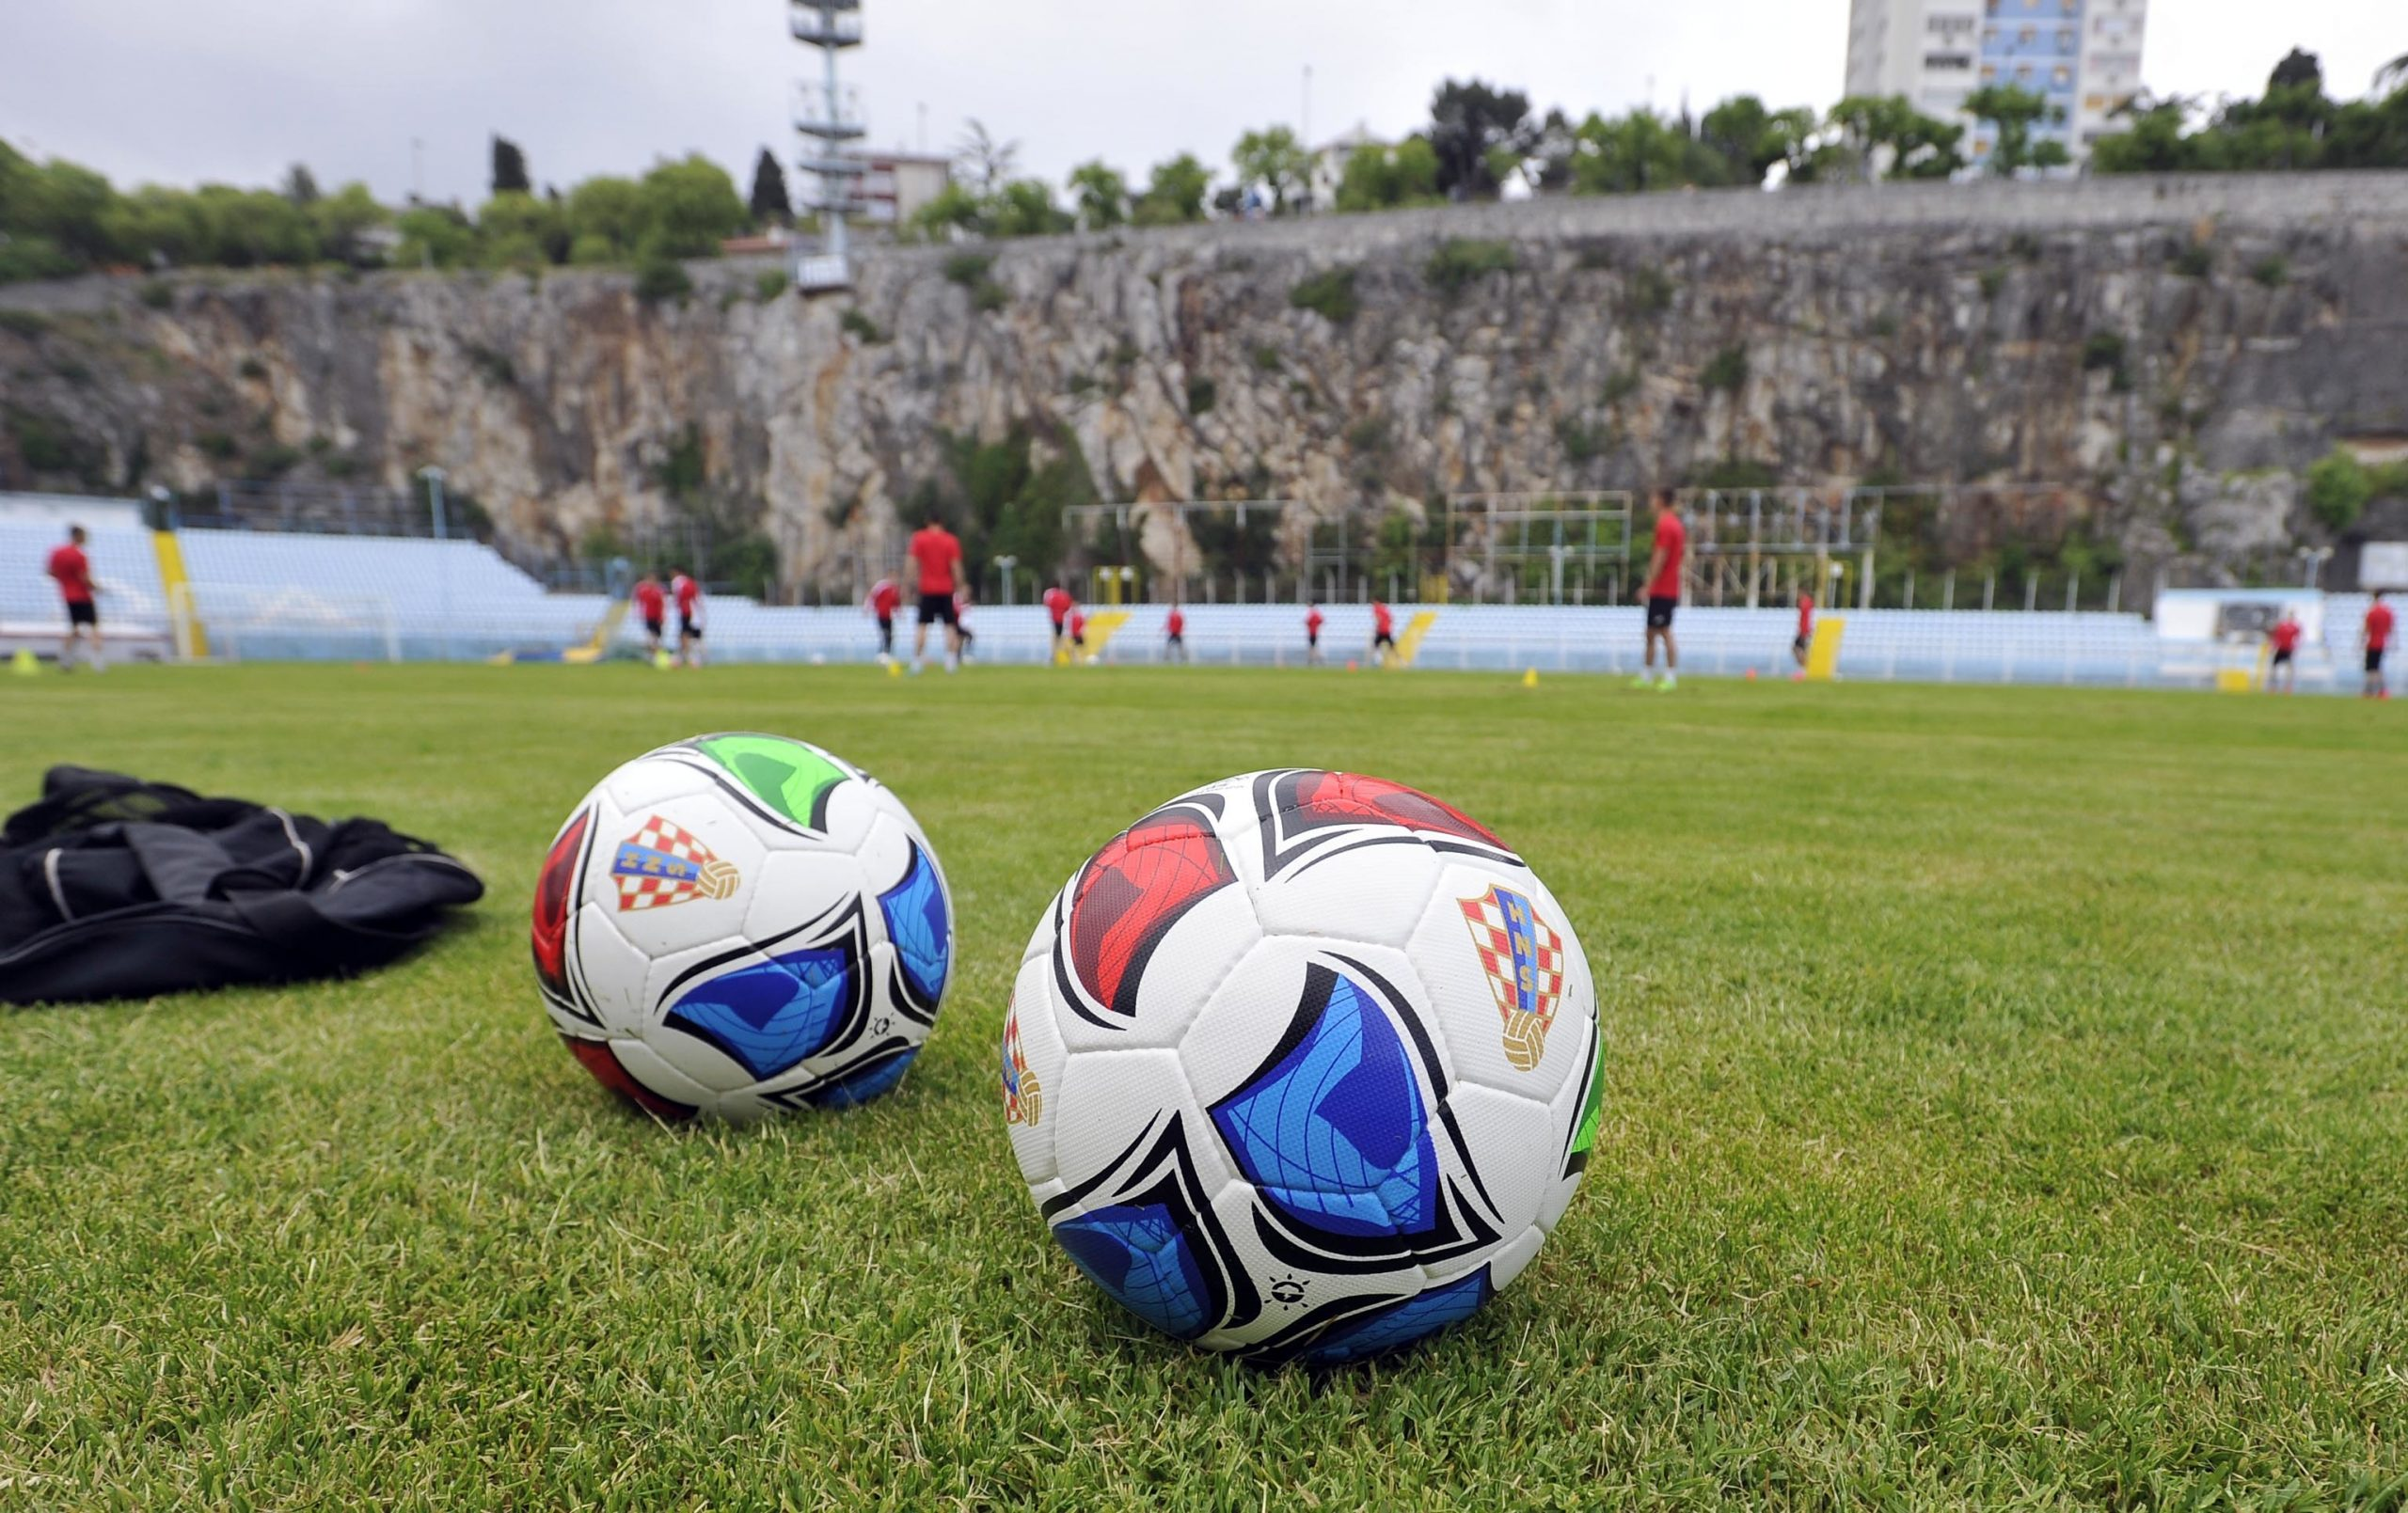 Opatijci će svoje domaće utakmice igrati na Kantridi/Foto Arhiva NL